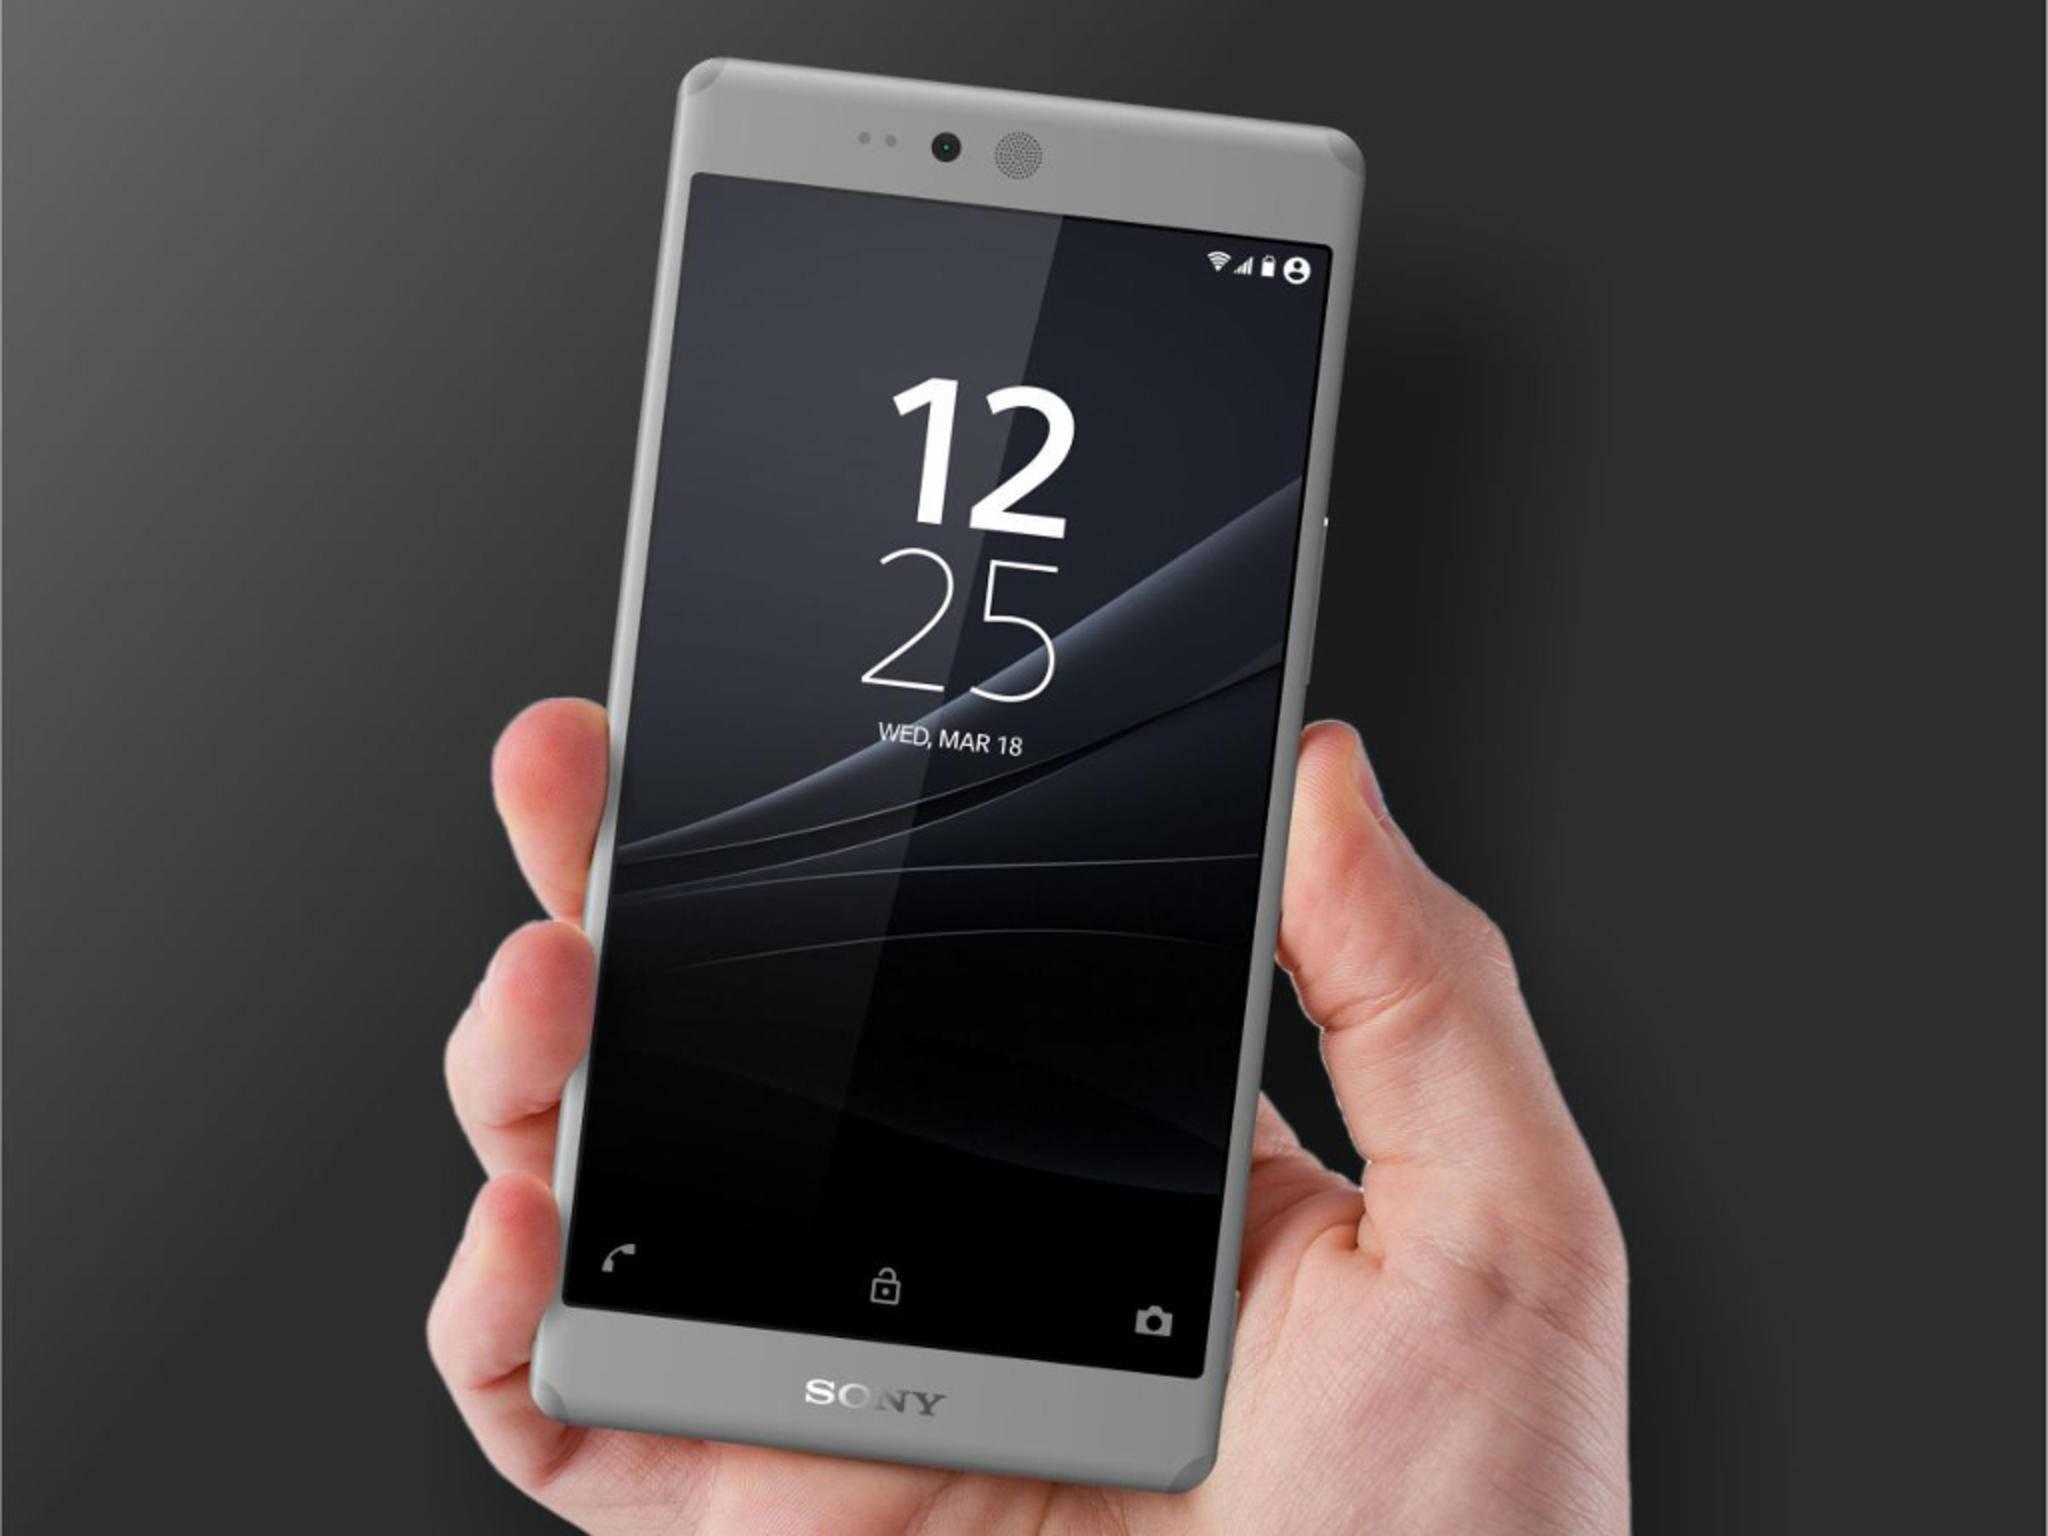 Konzept zeigt Sony Xperia Z5 mit Solar-Akku